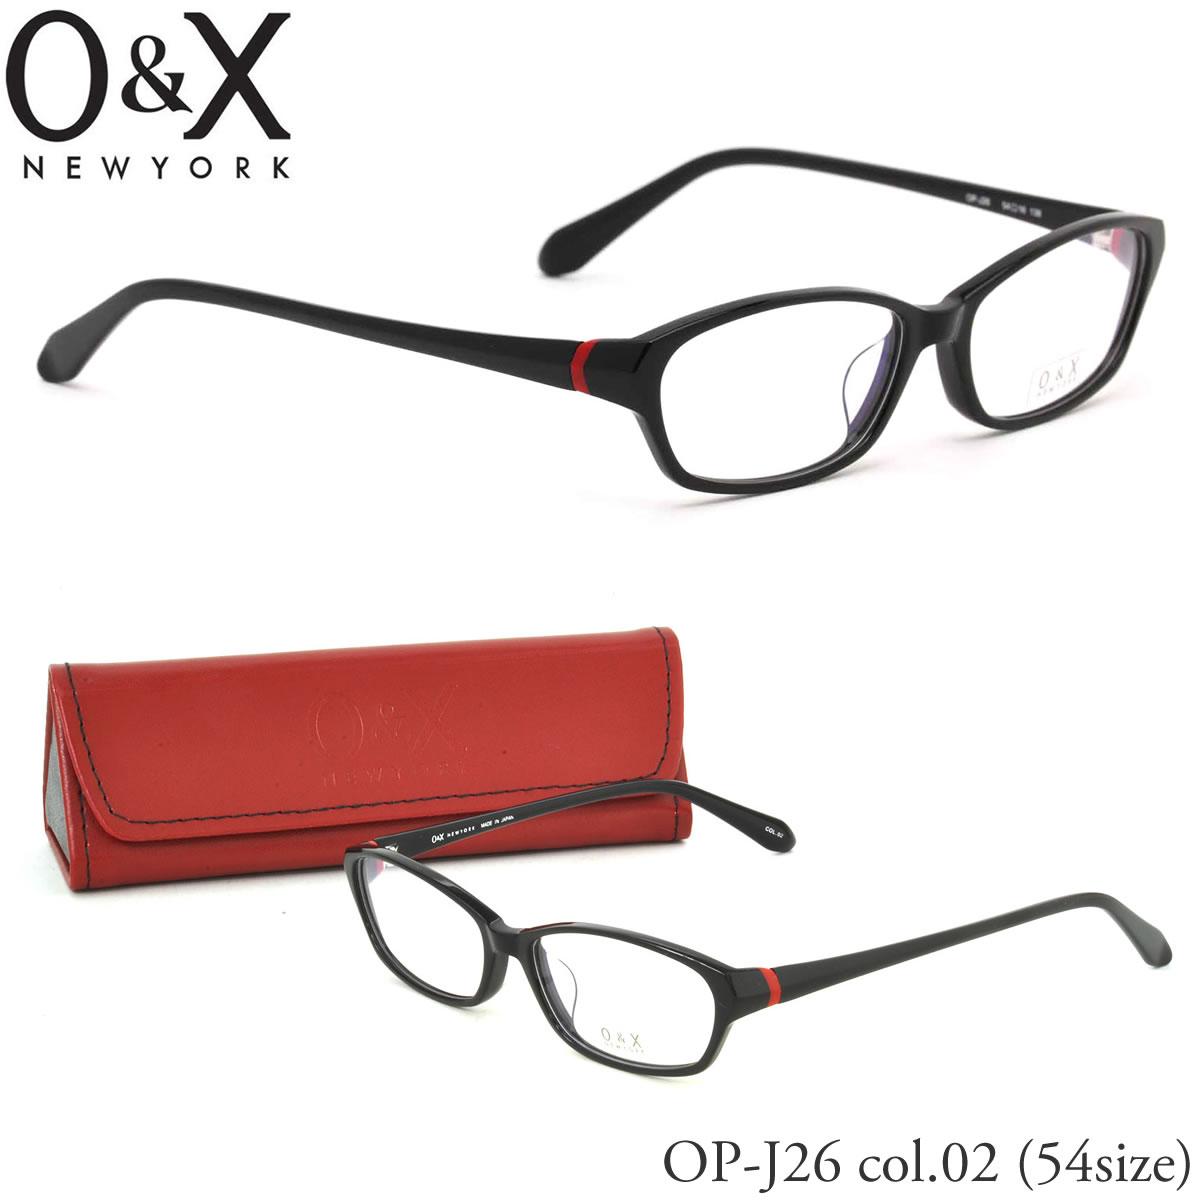 O&X オーアンドエックス メガネ フレーム OP J26 02 54サイズ スクエア 日本製 オーアンドエックス O&X メンズ レディース